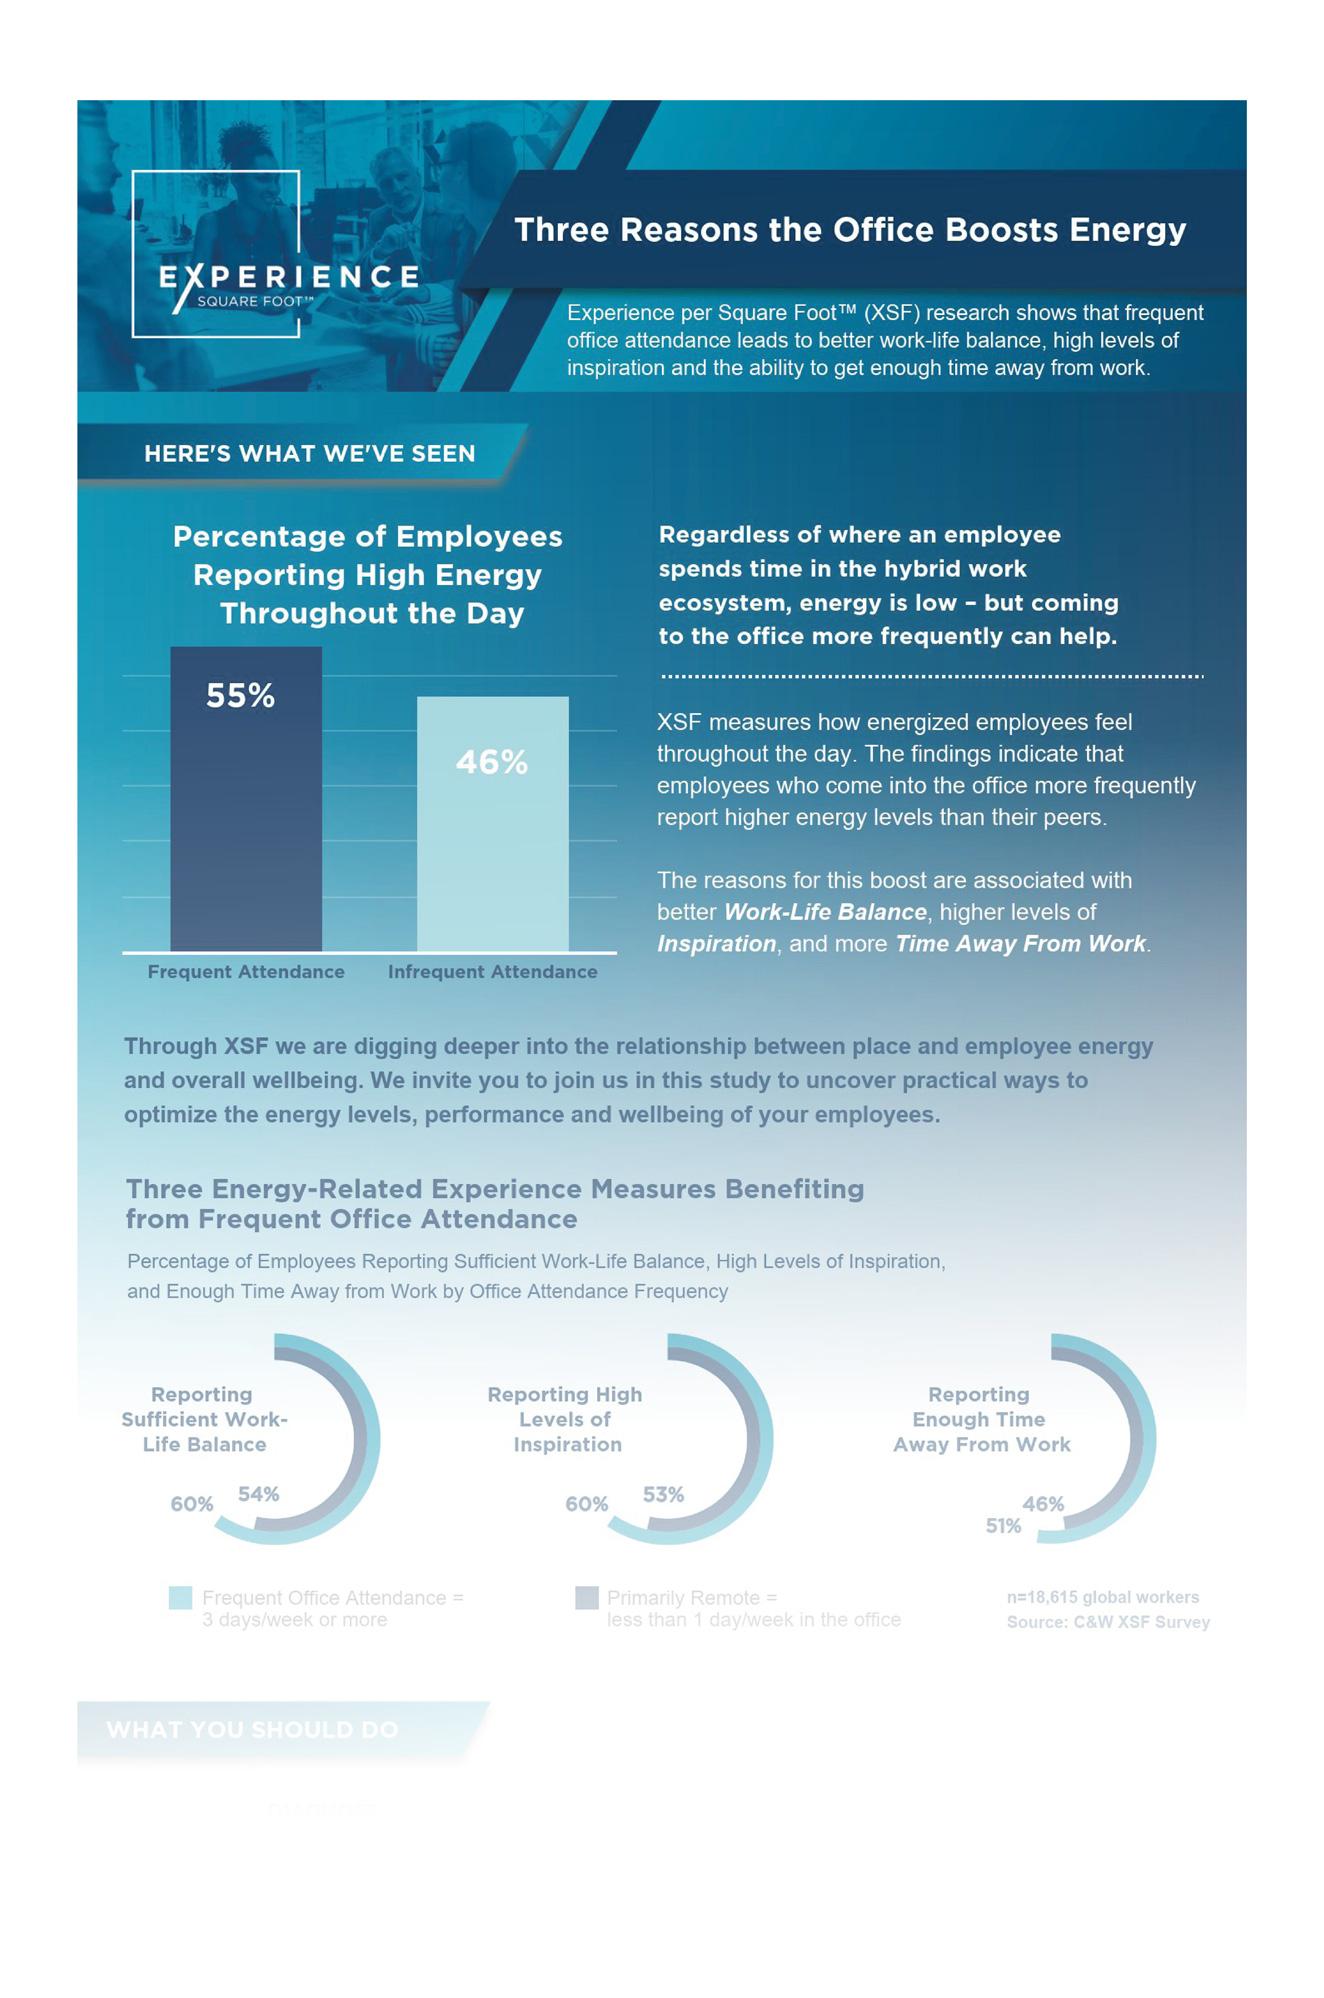 XSF Energy Boosts (image)